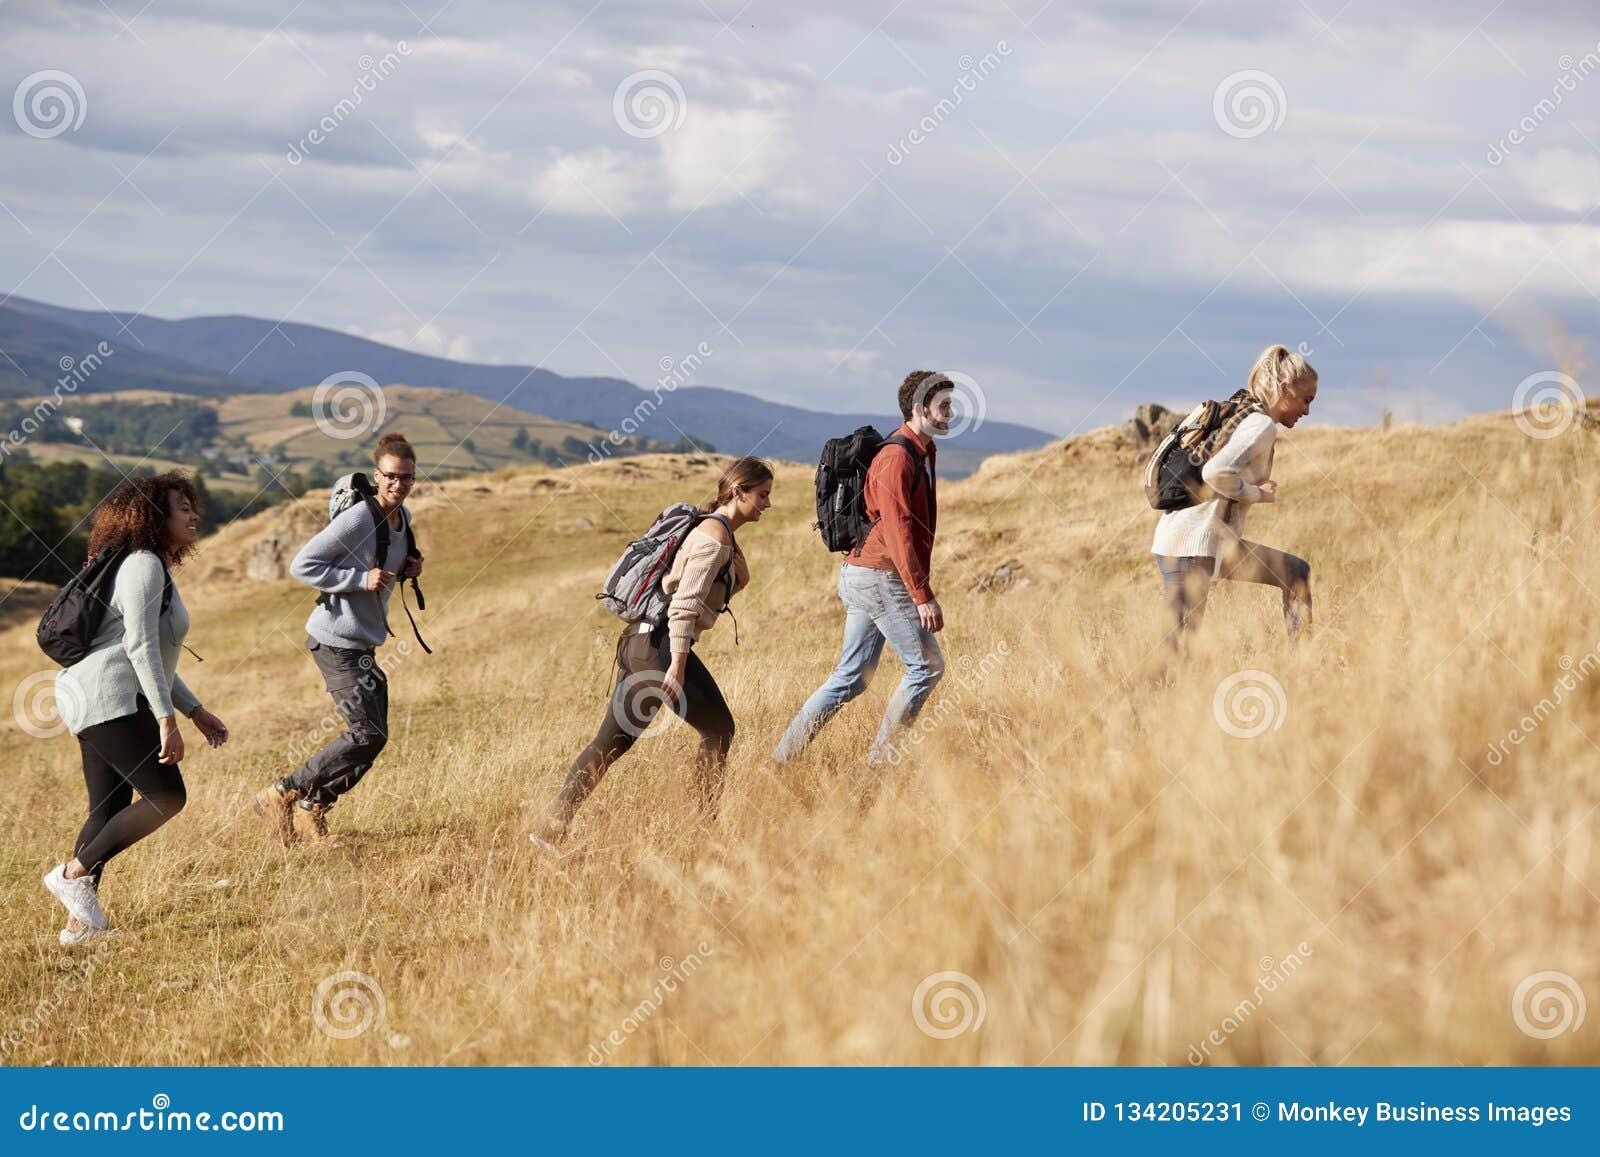 Ethnie multi de jeunes amis adultes heureux escaladant une colline pendant une hausse de montagne, vue de côté